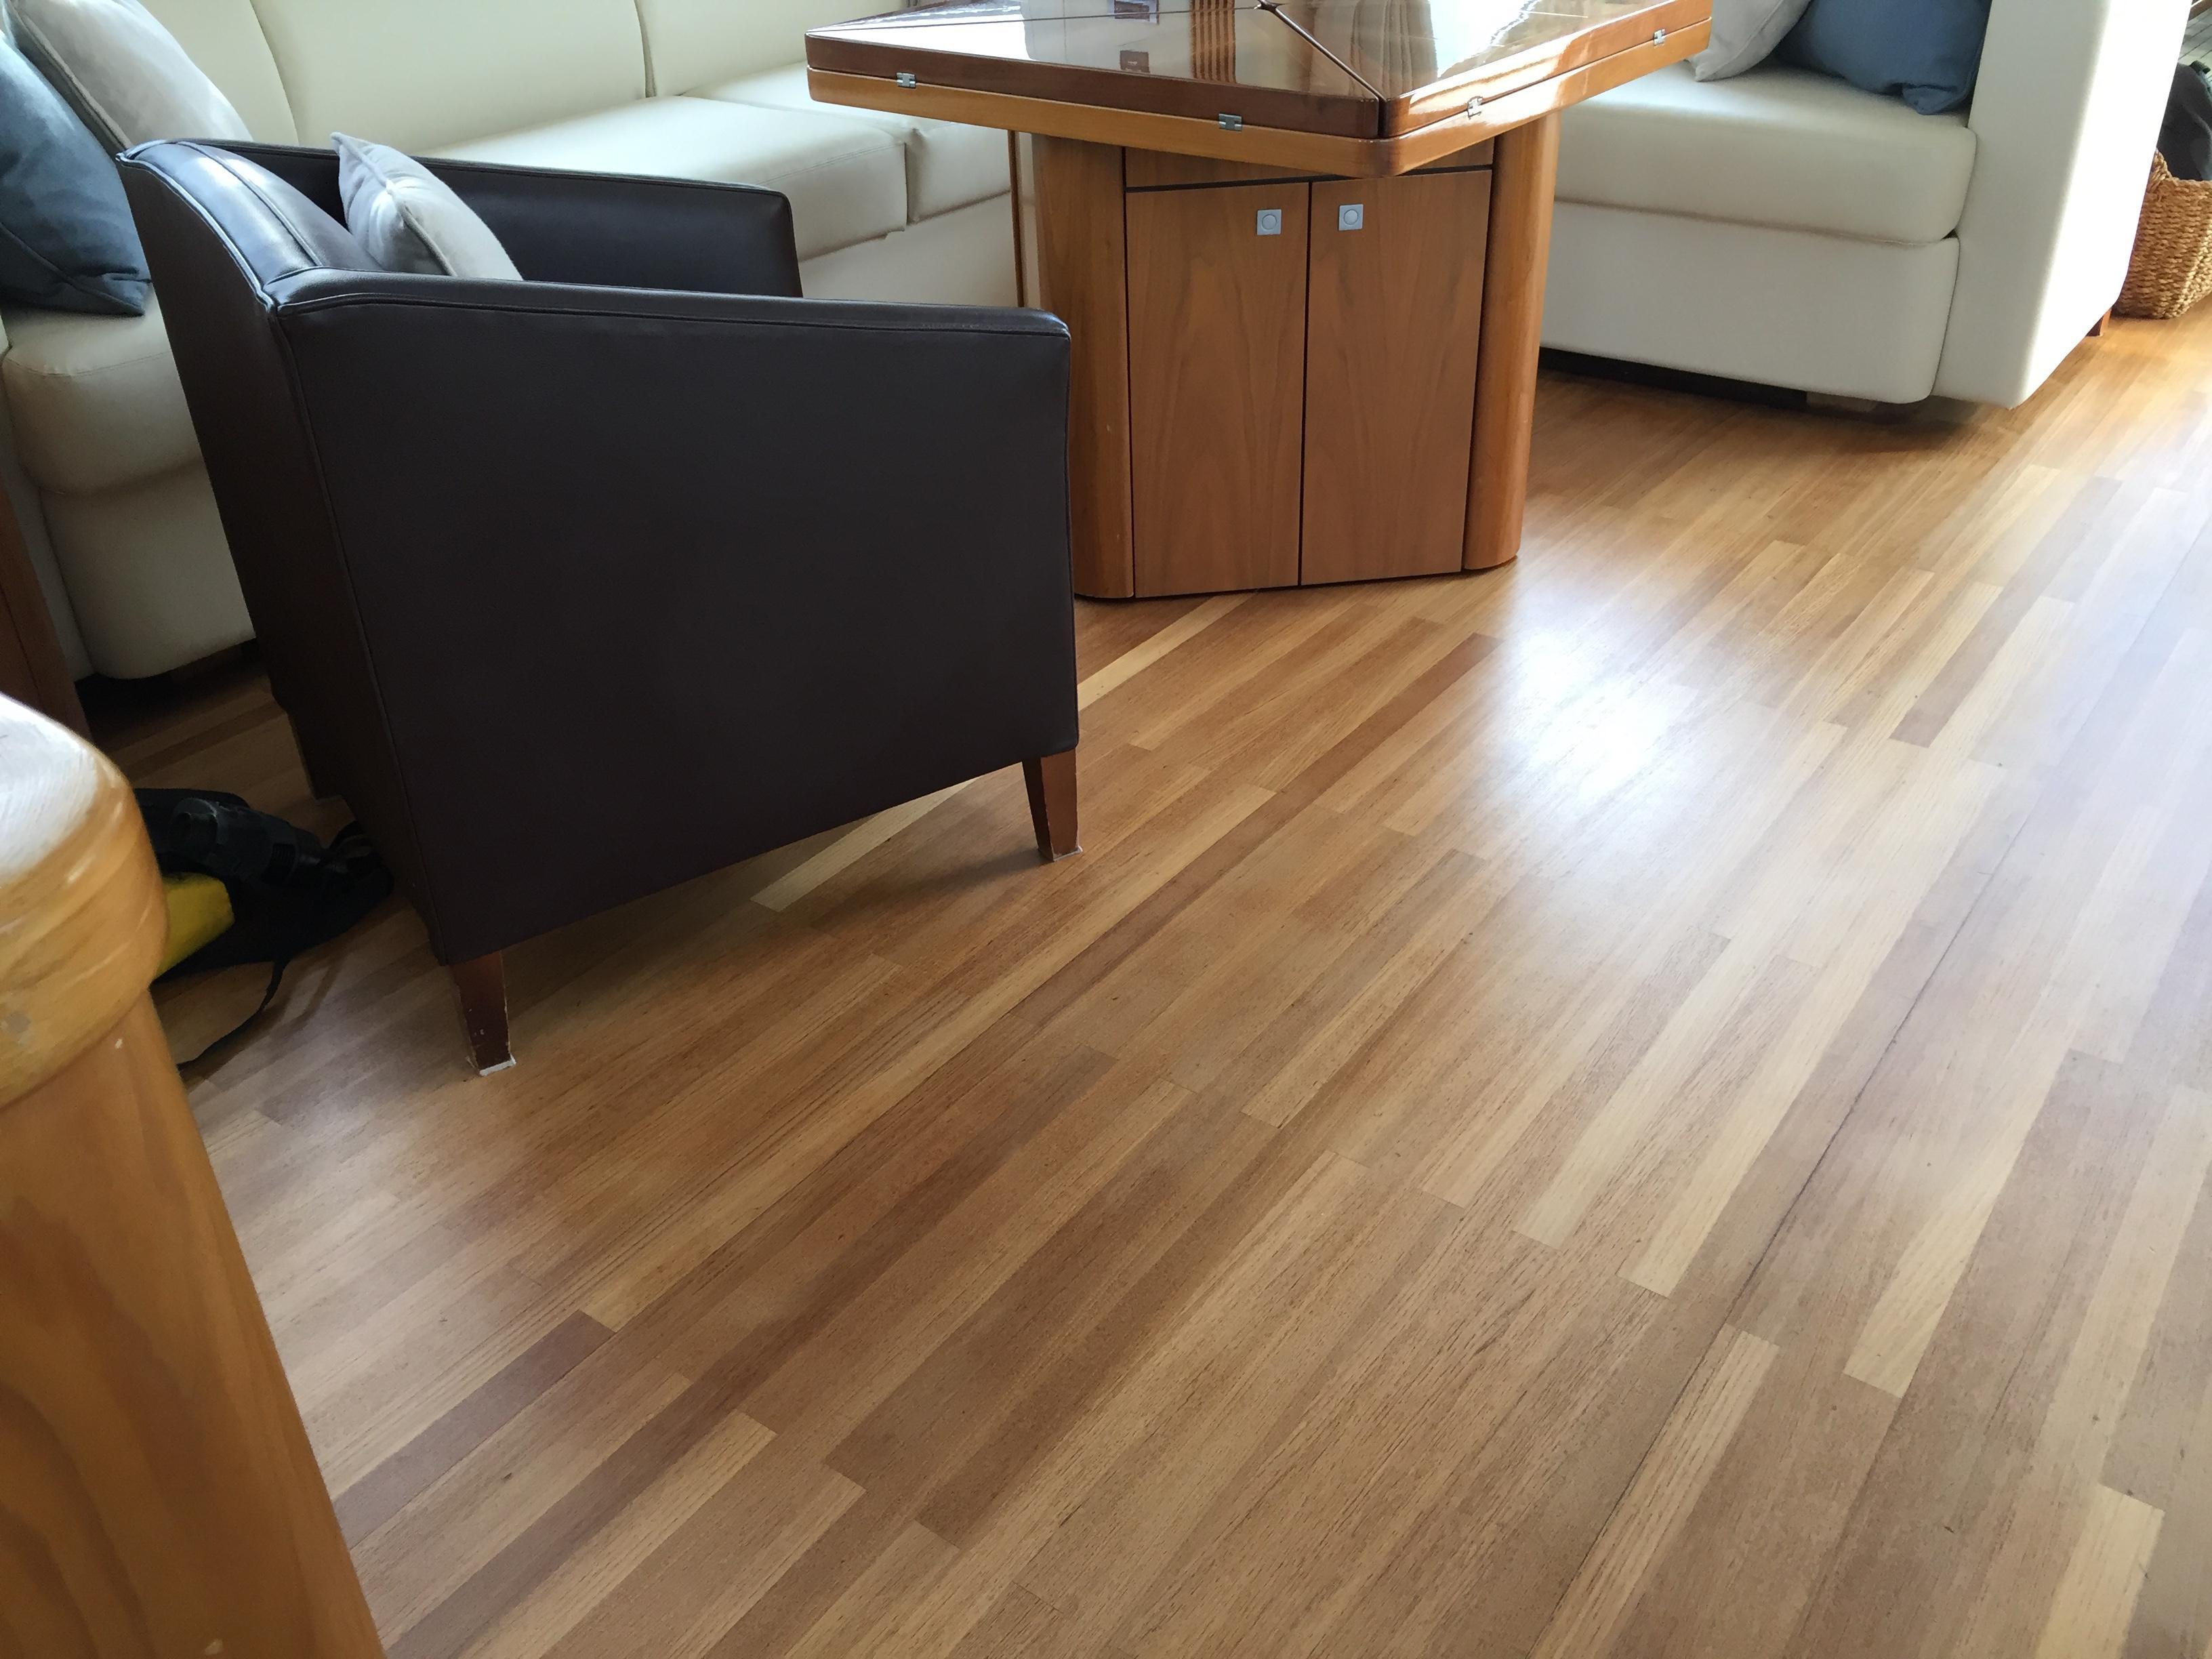 Saloon flooring